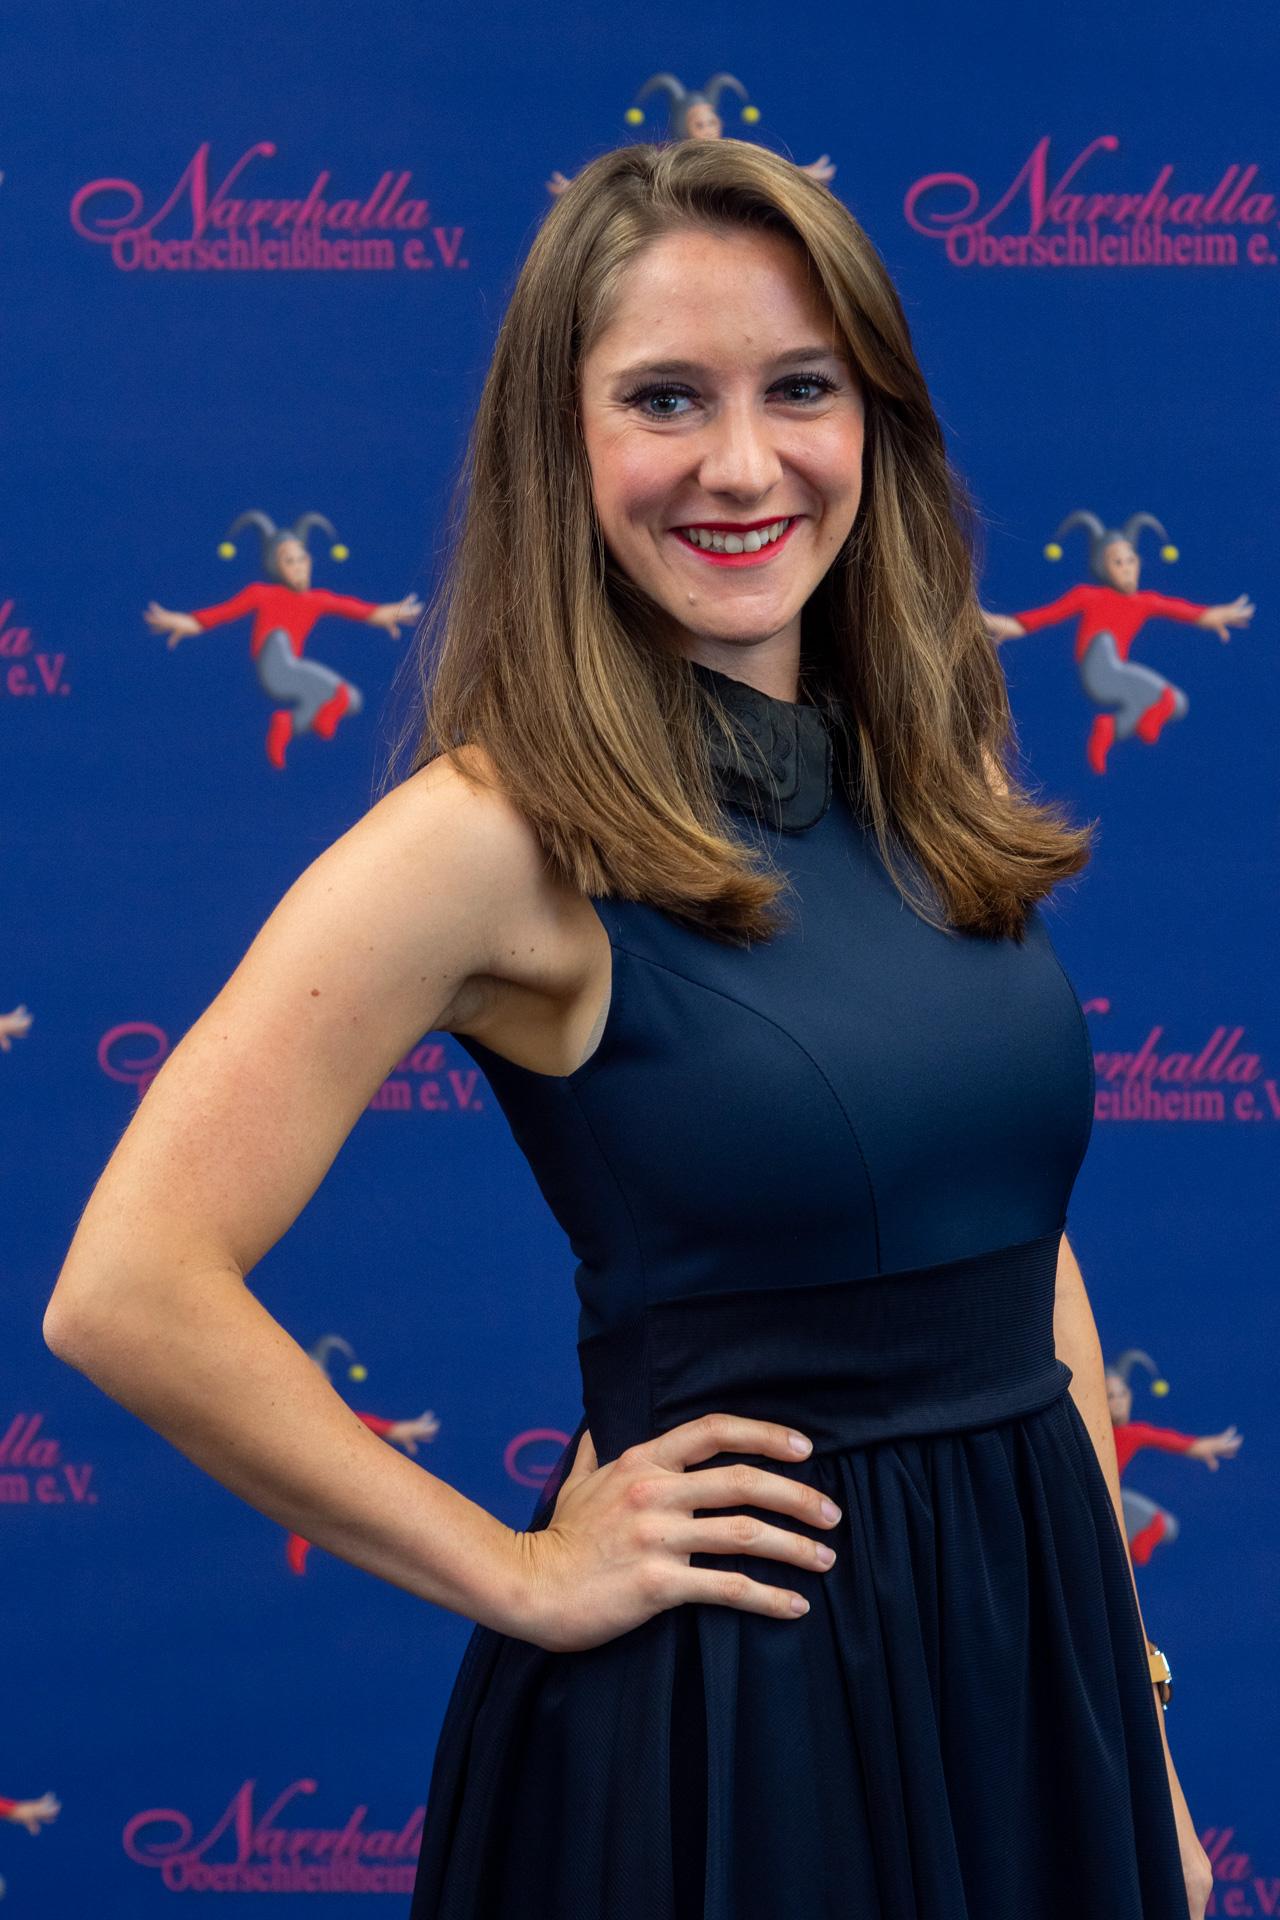 Jacqueline Heil